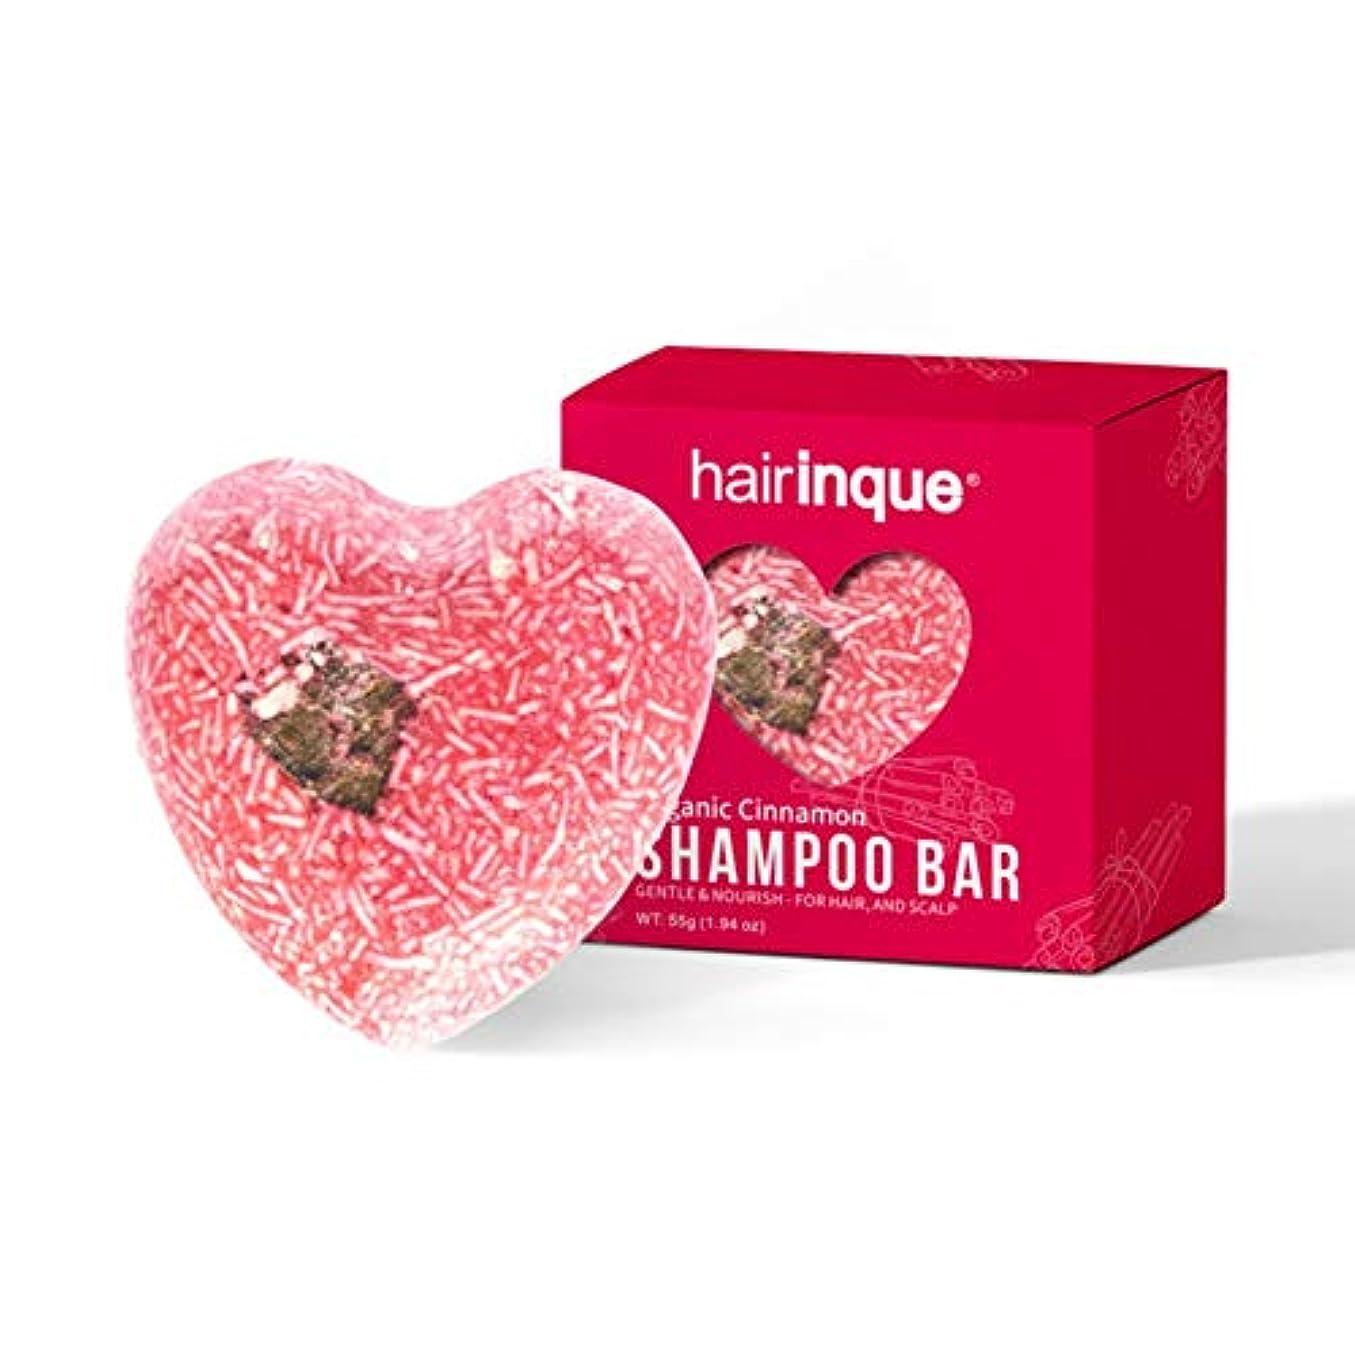 試み彼らのもの量シャンプー シャンプー石鹸 栄養 脱毛 シャンプーソープ 天然成分 化学薬品防腐剤なし シャンプーソープ ヘアケア Cutelove